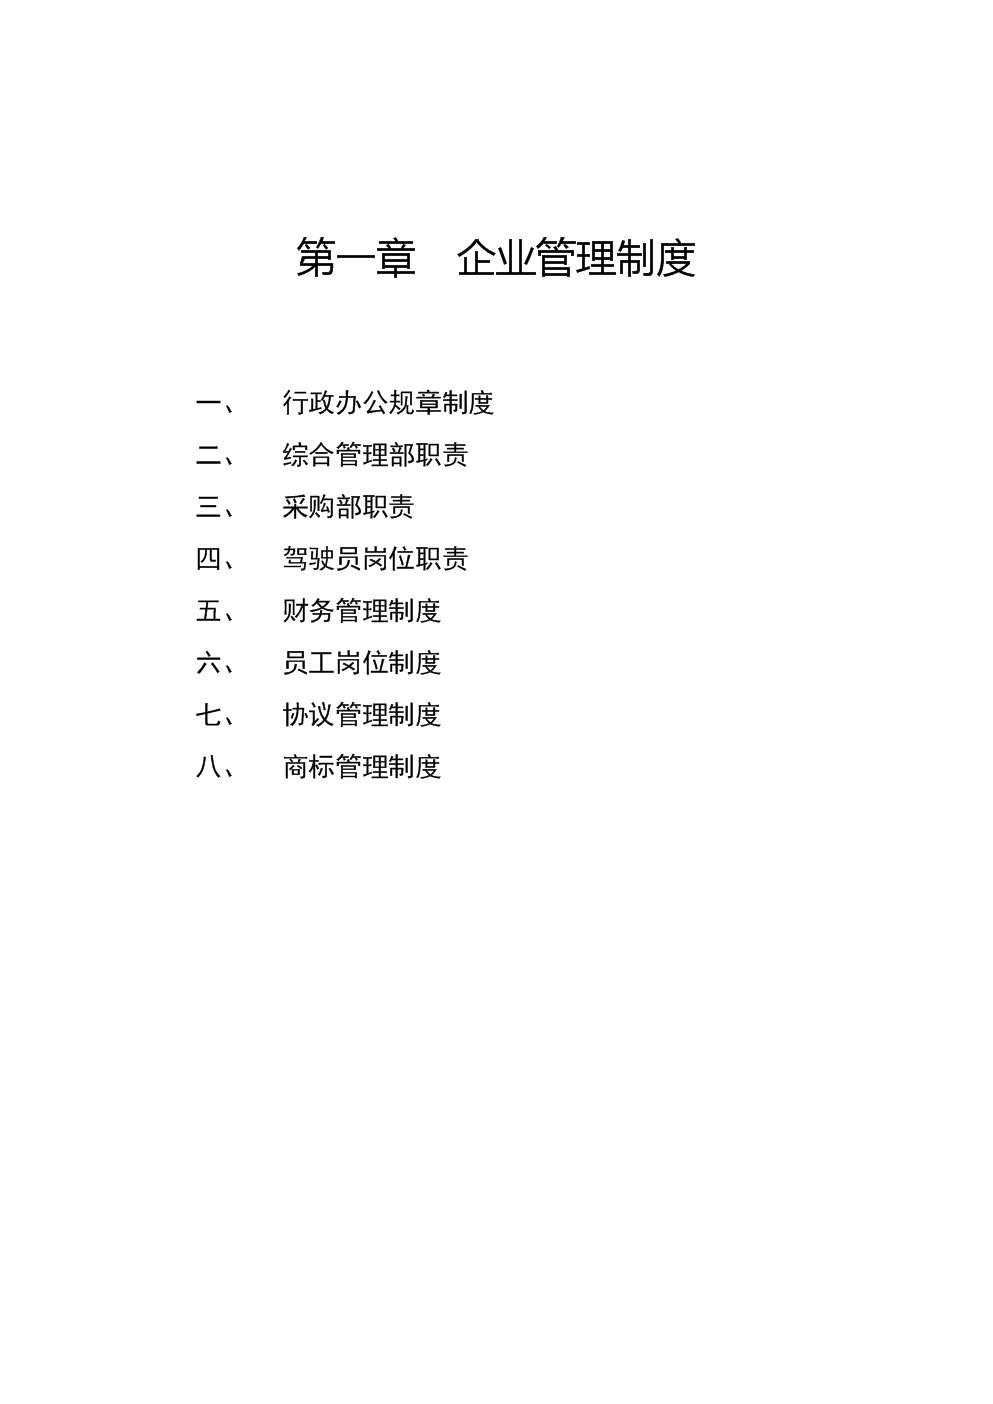 家具公司管理新规制度.doc